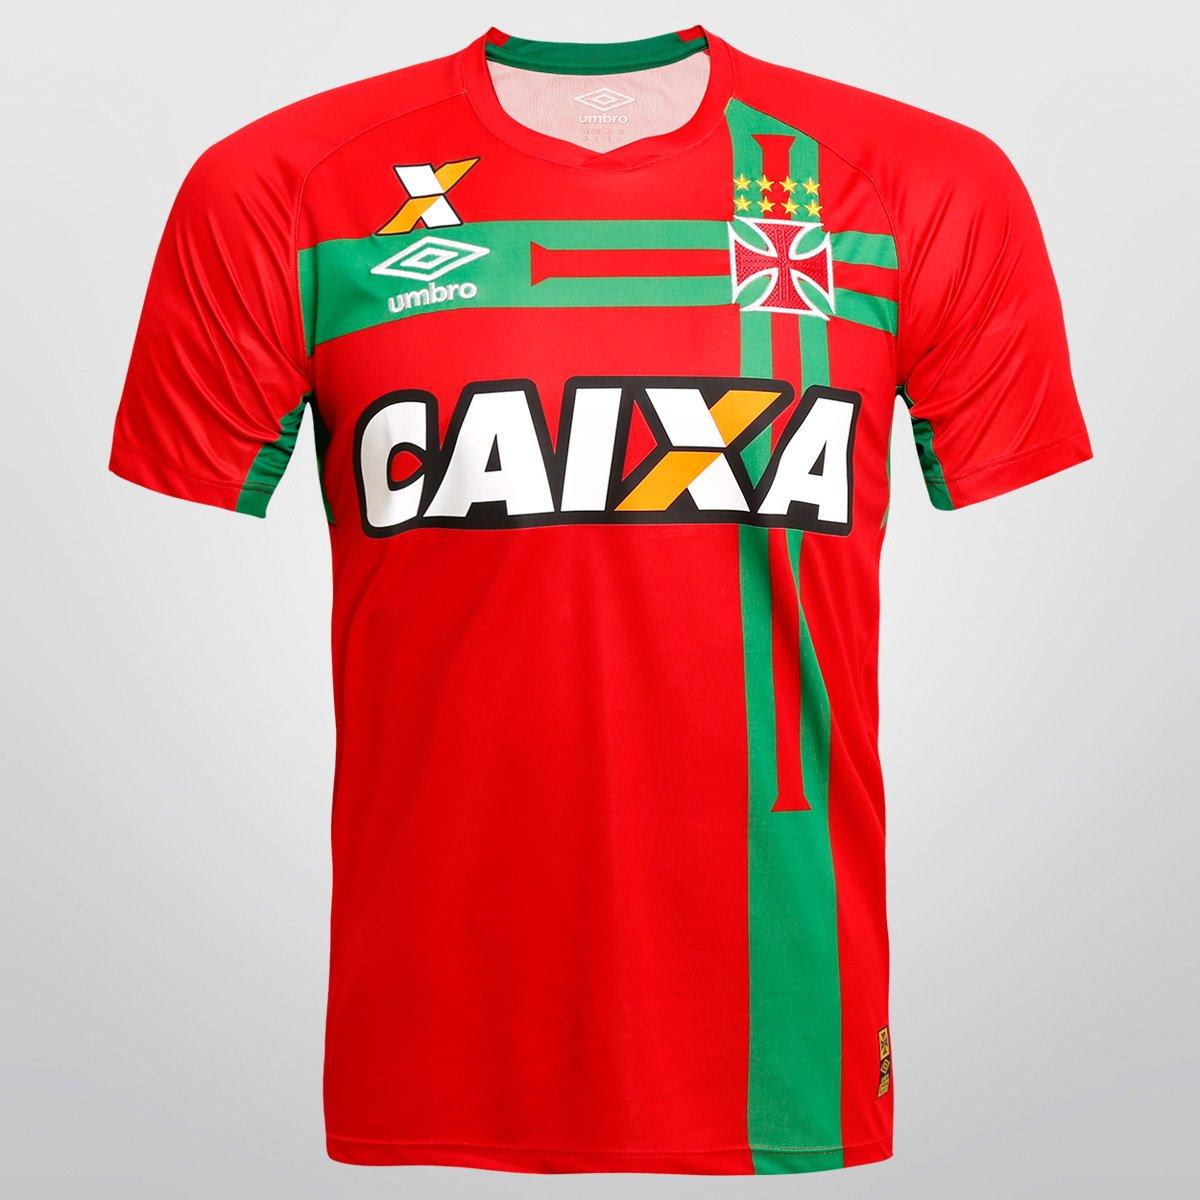 Camisa Umbro Vasco Goleiro 2015 - Compre Agora  9d11f29cc896c